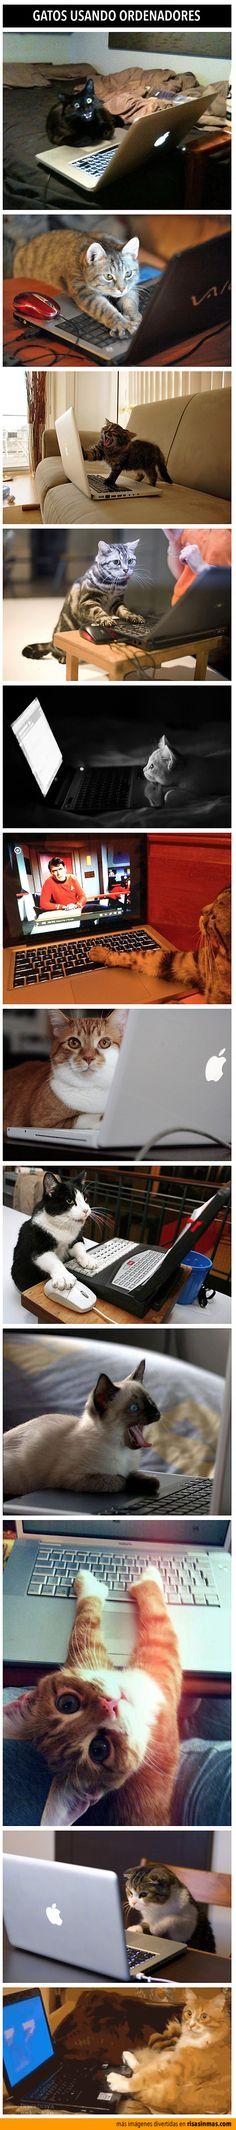 Gatos usando ordenadores